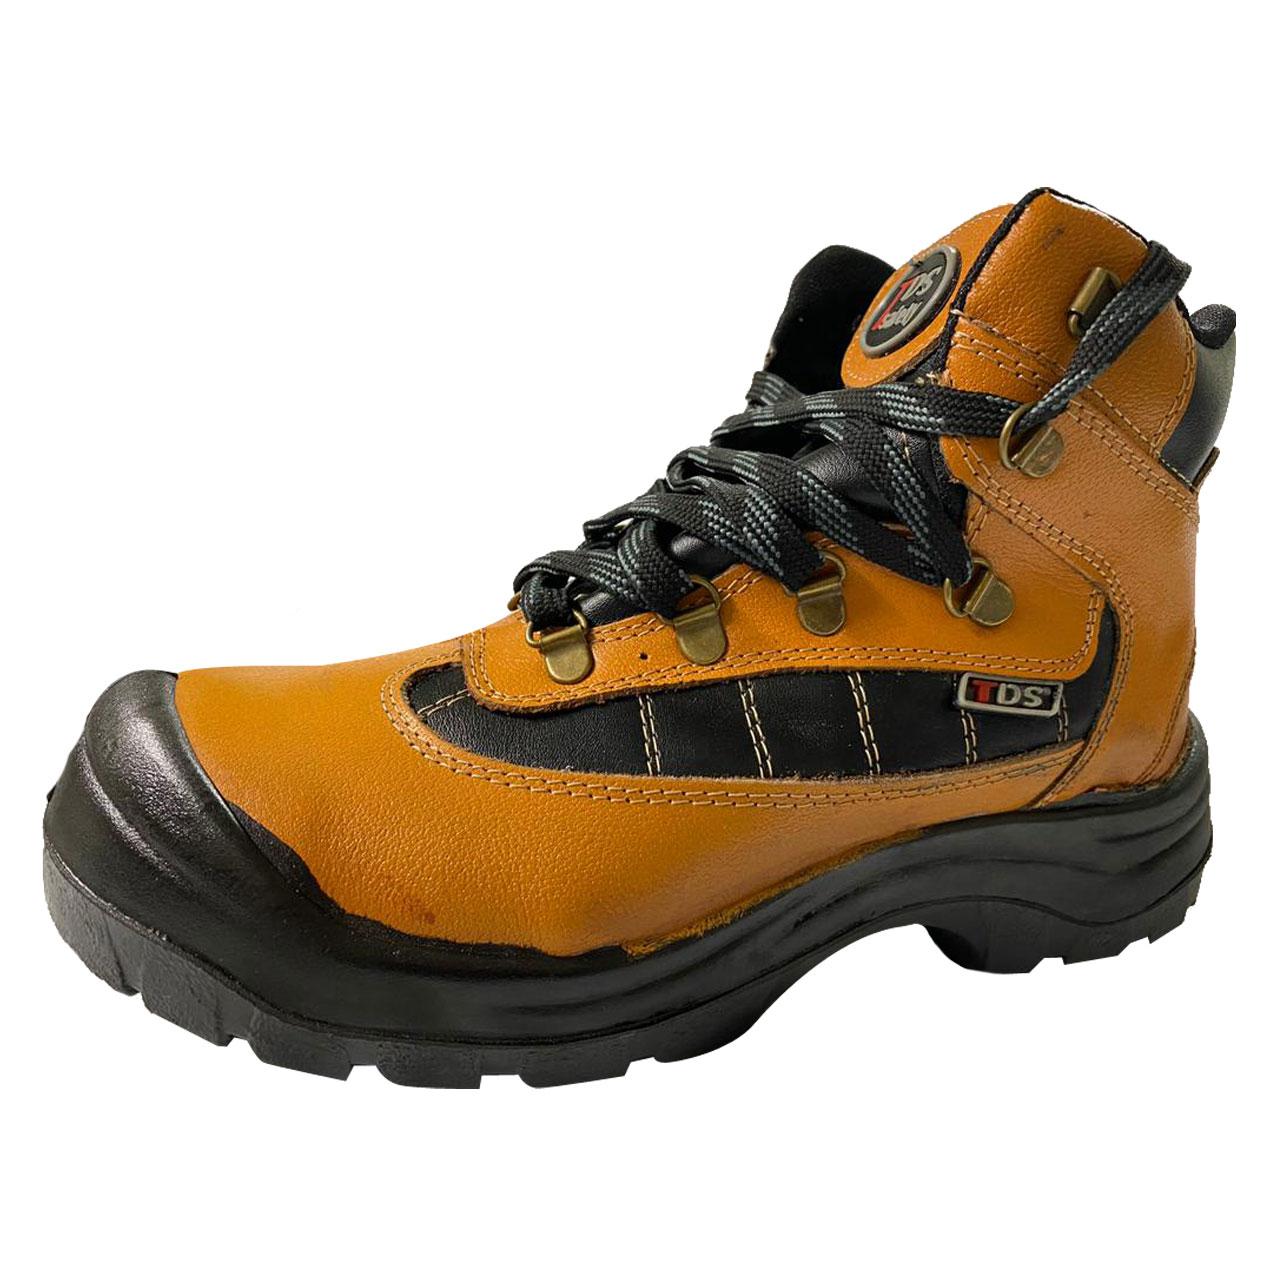 کفش ایمنی تی دی اس مدل IGD.A1